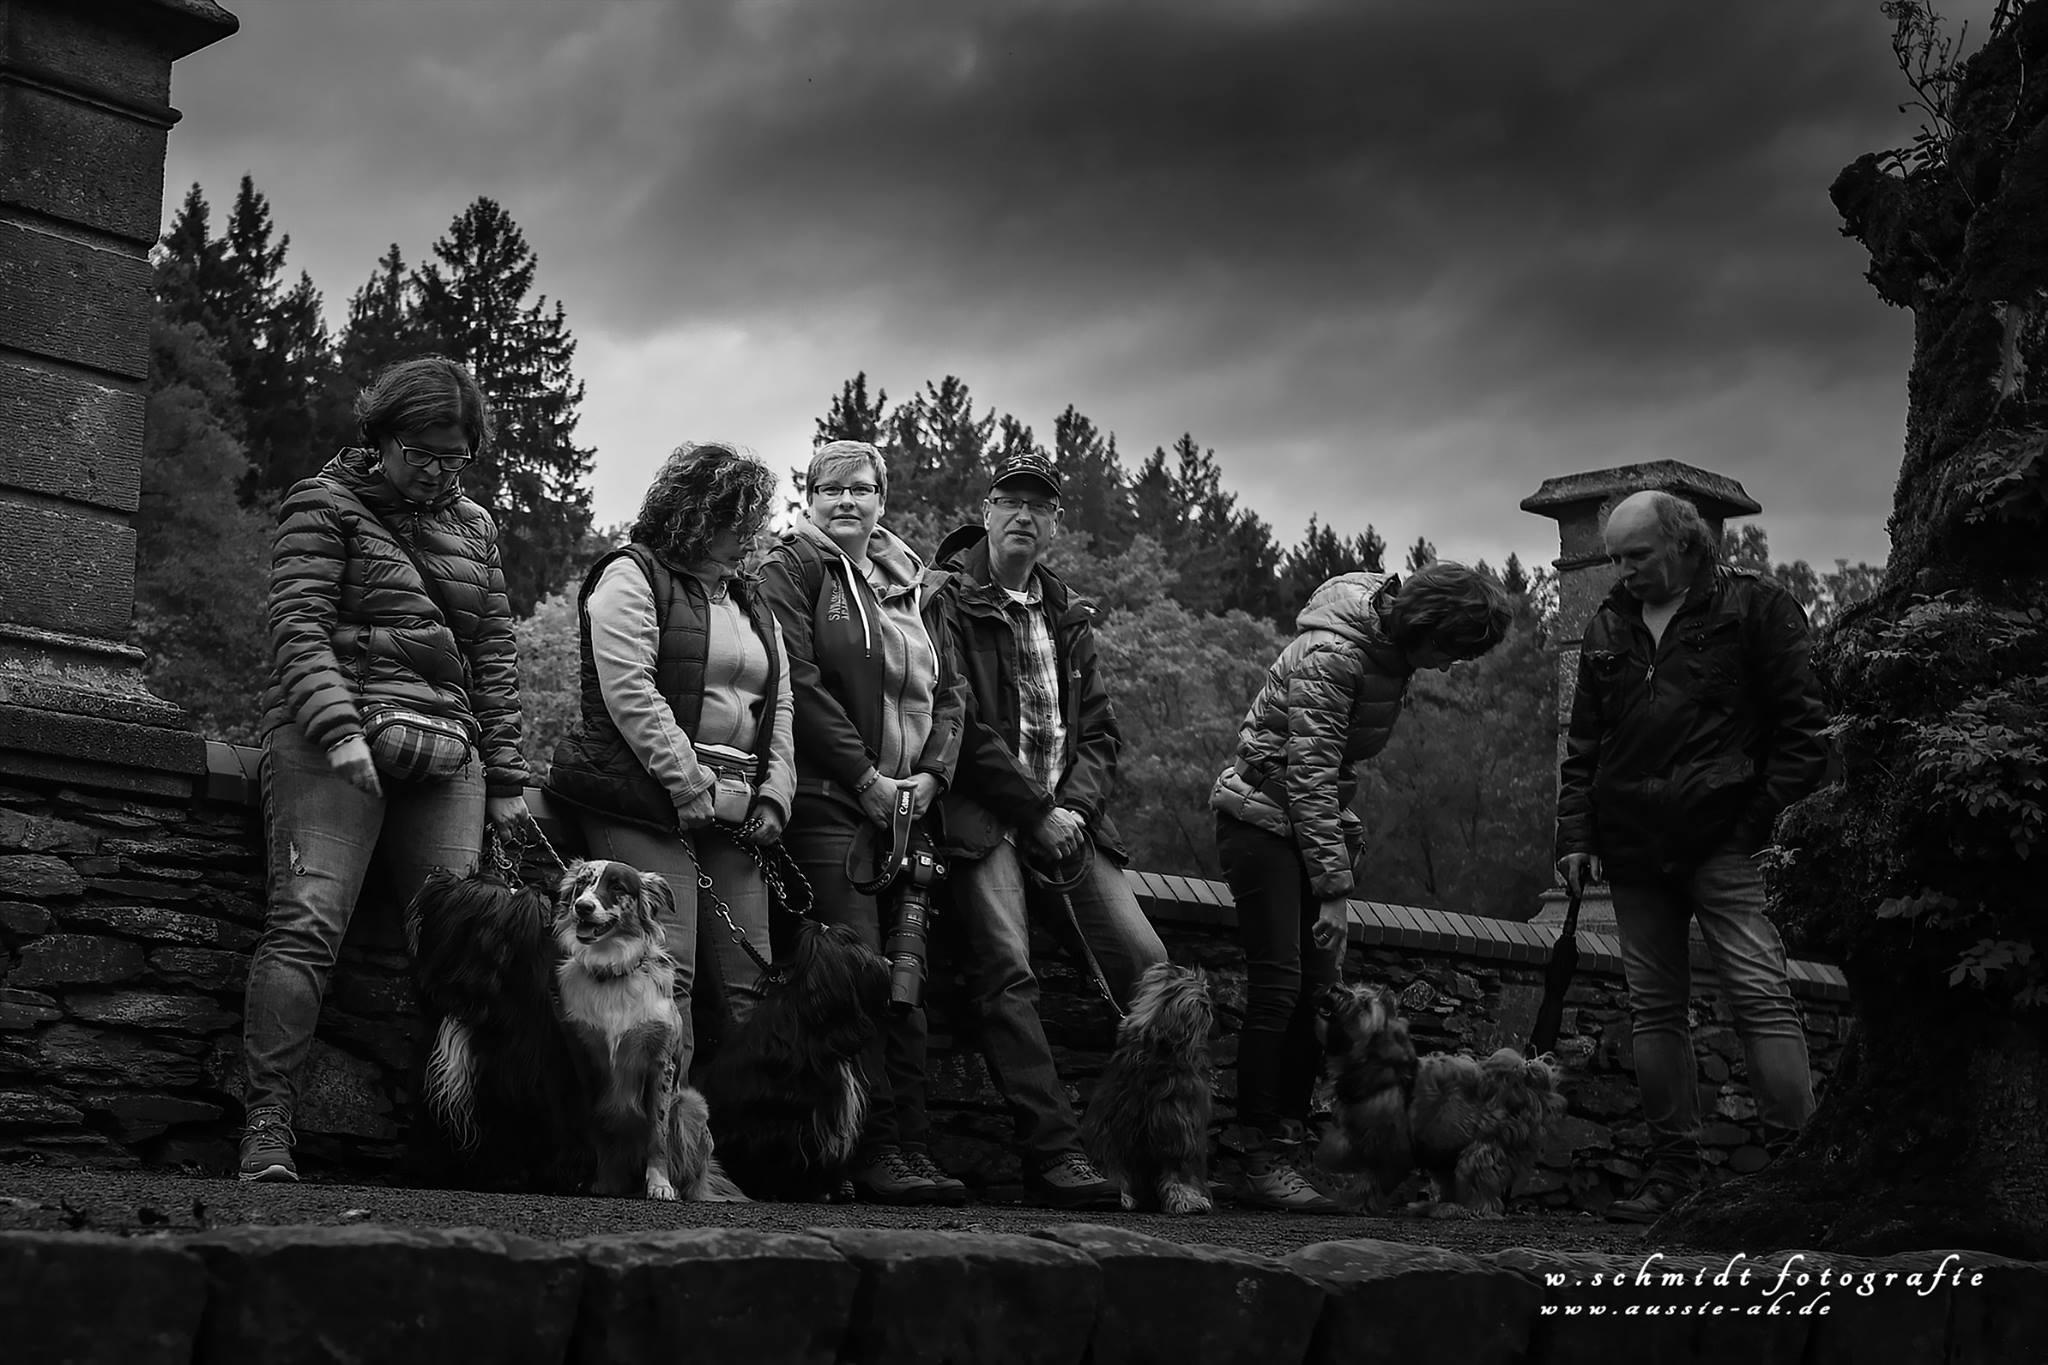 Oktober 2016 - kleine Tibi-Wanderung in Marienstatt mit Aussiebetreuung